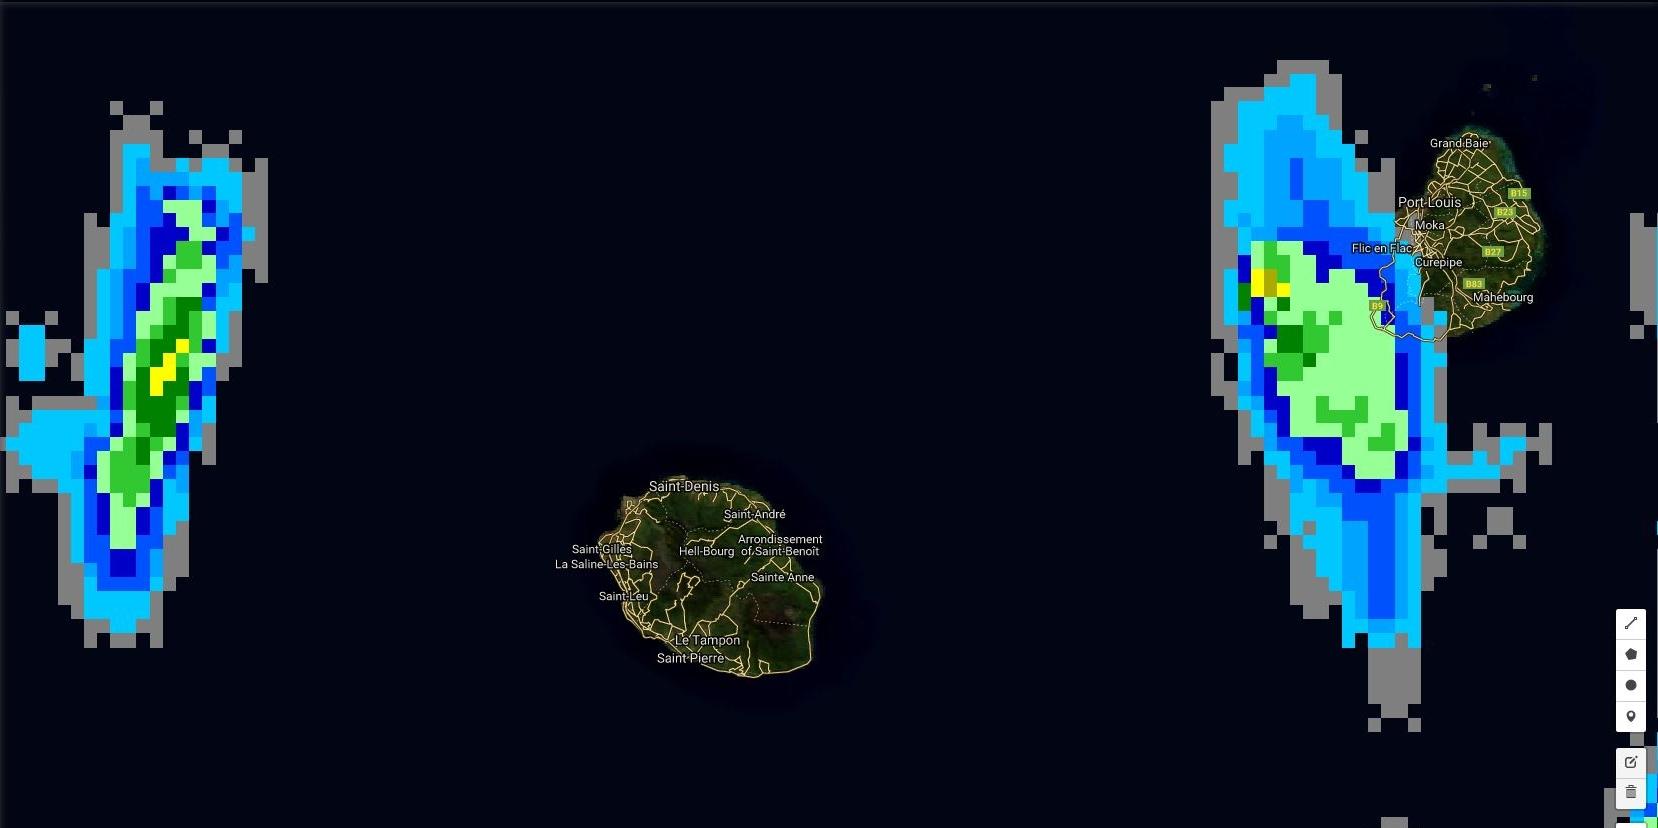 Satellite à 18h15: cette nuit des foyers pluvio-orageux peuvent se former rapidement et toucher les îles.